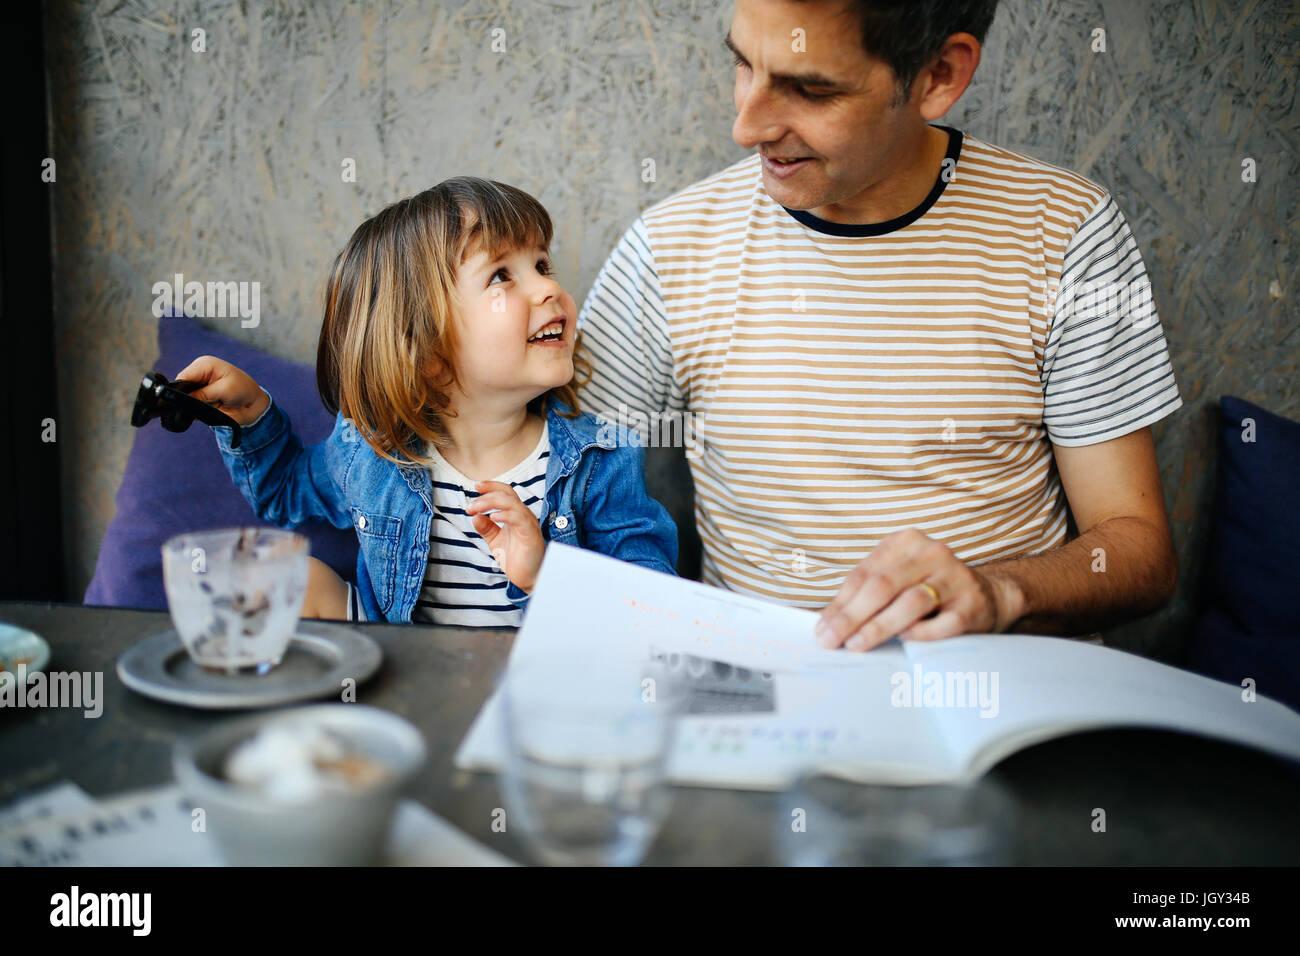 Niña jugando con gafas de sol del padre en el café Imagen De Stock